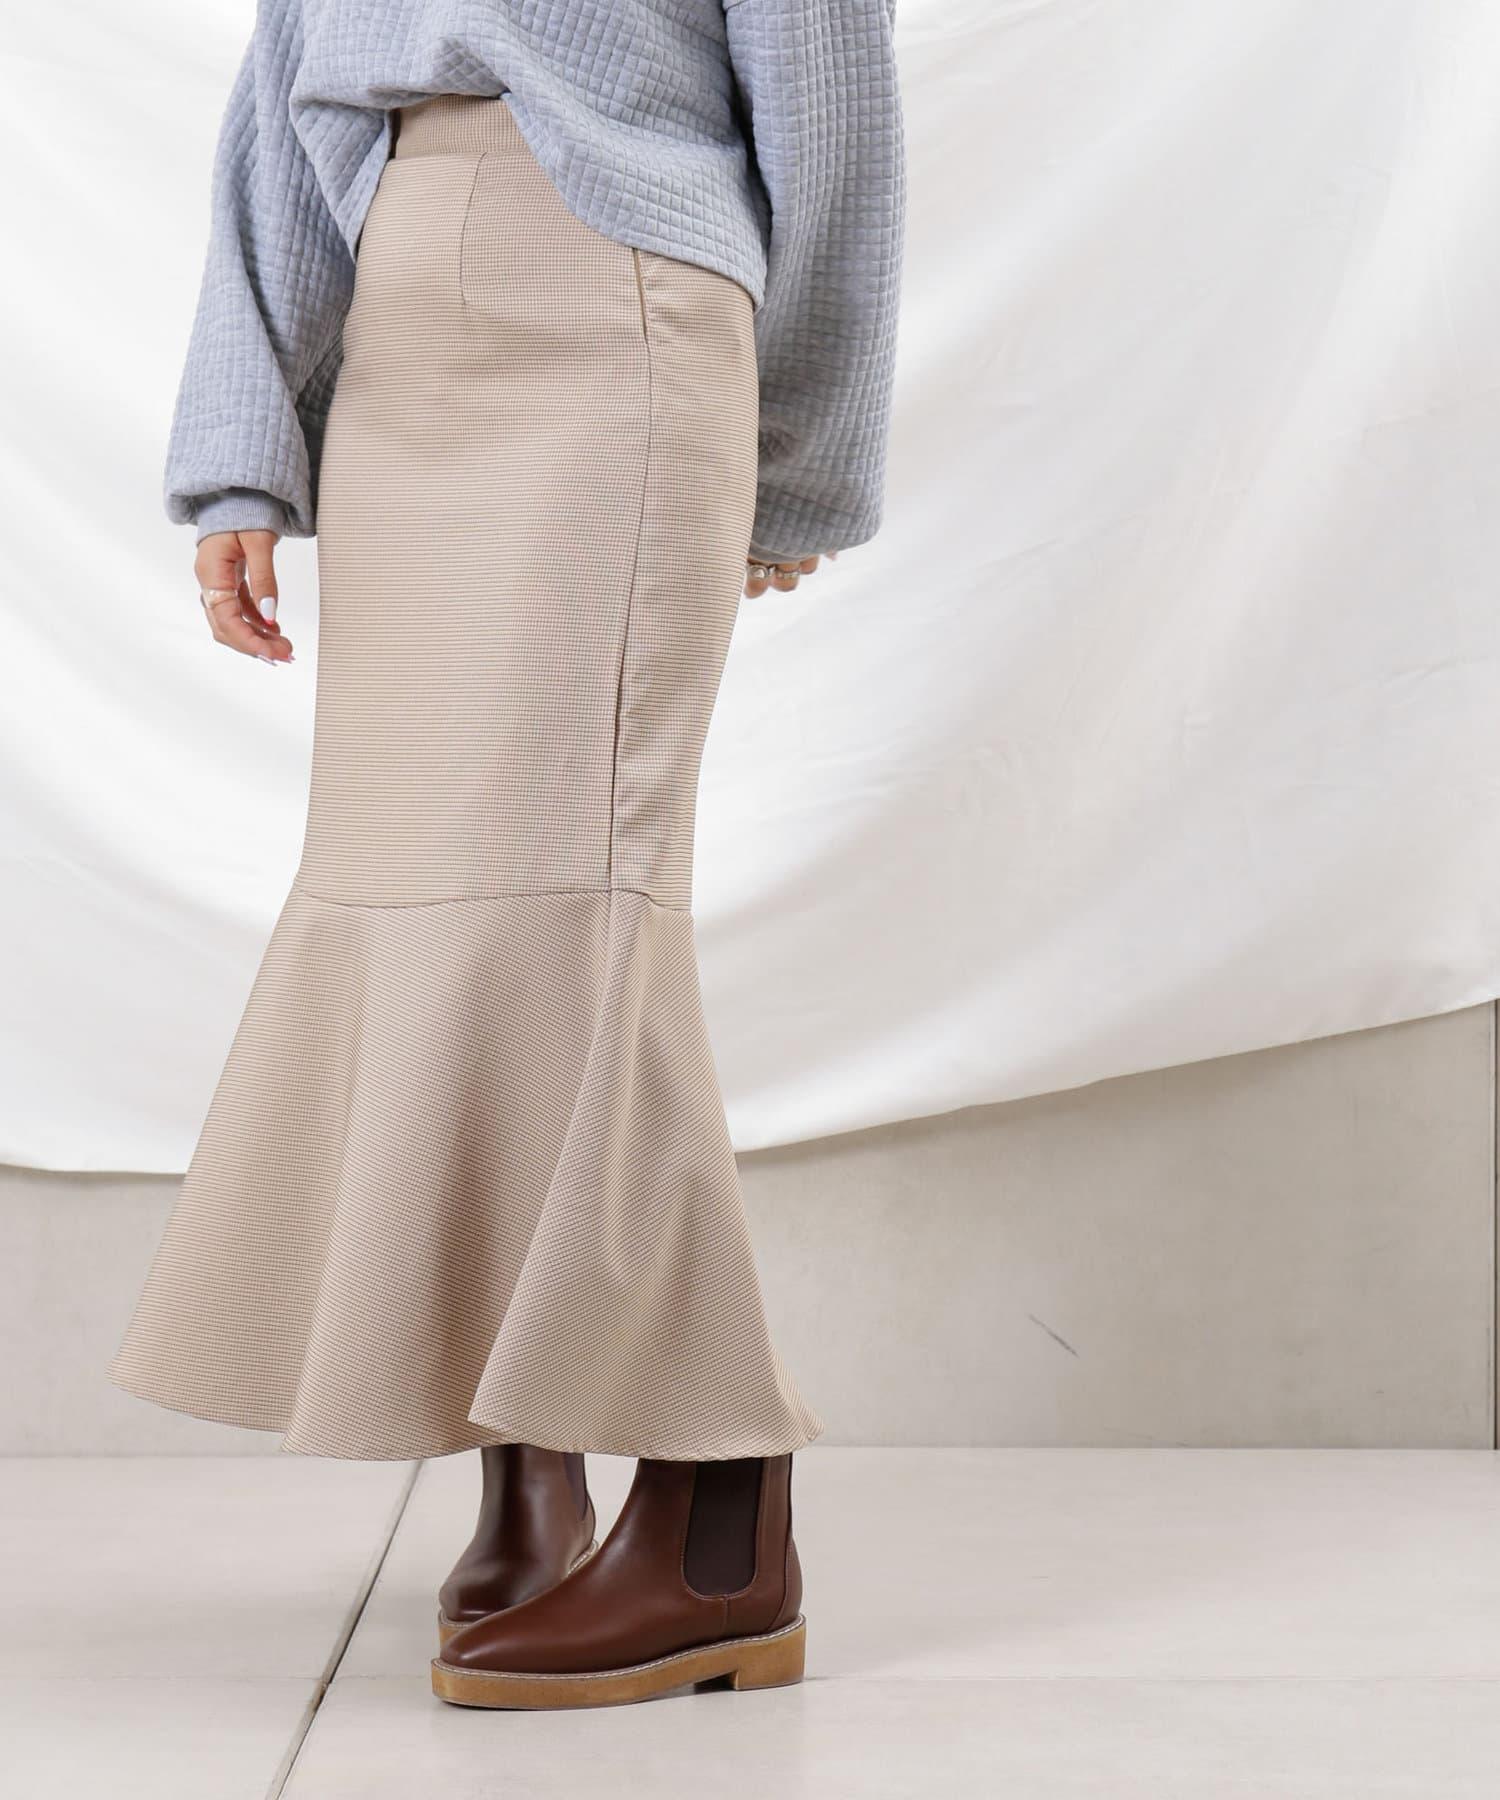 Thevon(ゼヴォン) 【WEB限定】チェックマーメイドスカート